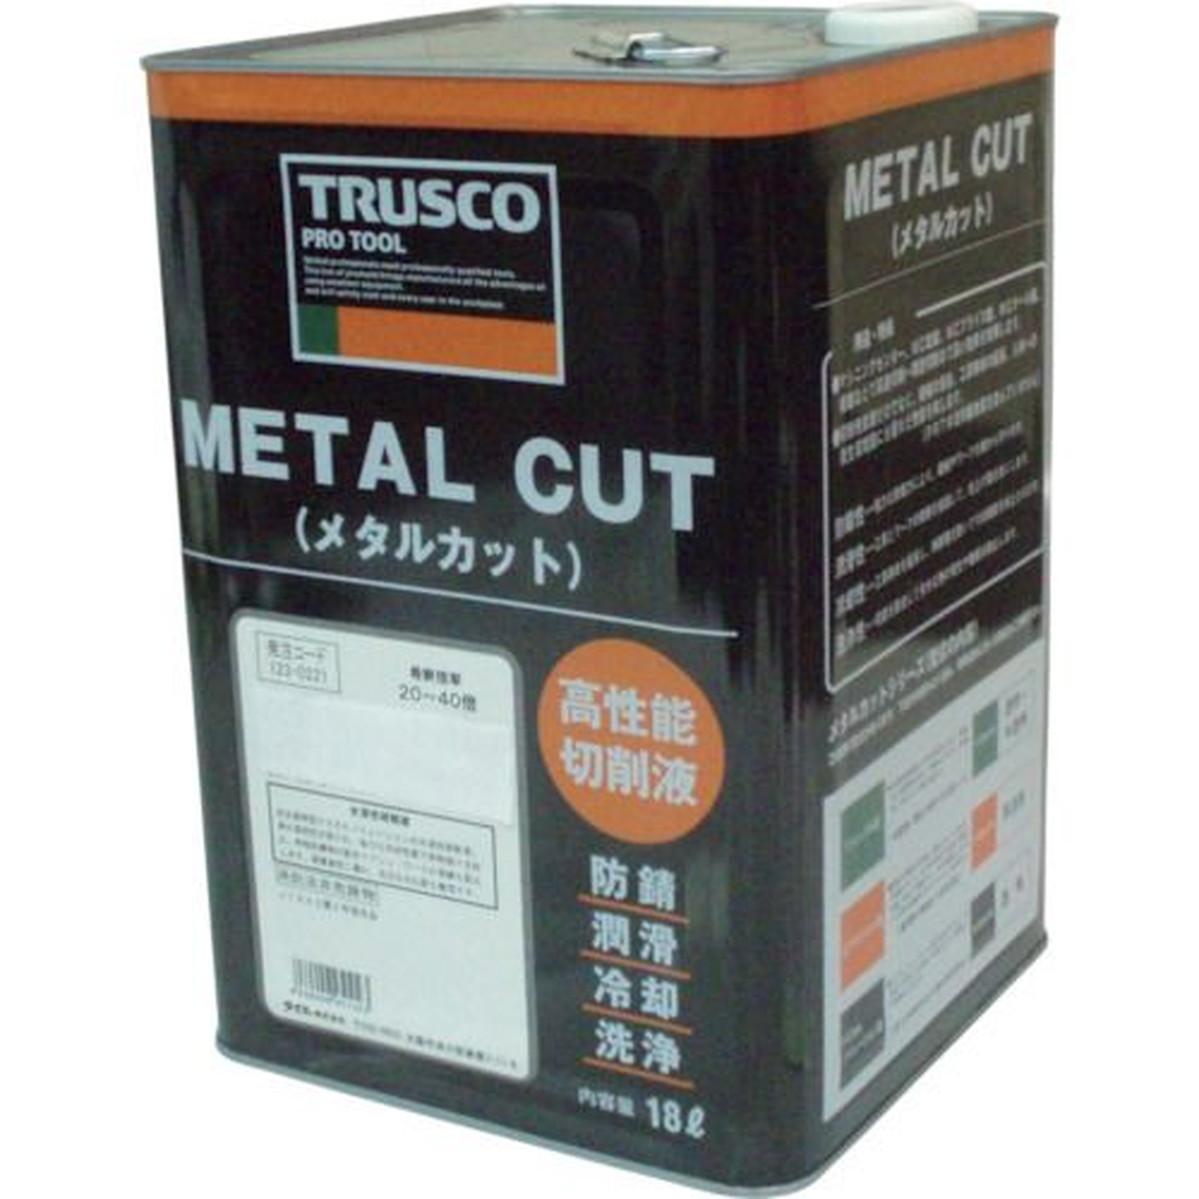 品質満点! TRUSCO 18L TRUSCO メタルカット ソリュブル油性型 ソリュブル油性型 18L 1缶, キヨネソン:471043dd --- kventurepartners.sakura.ne.jp